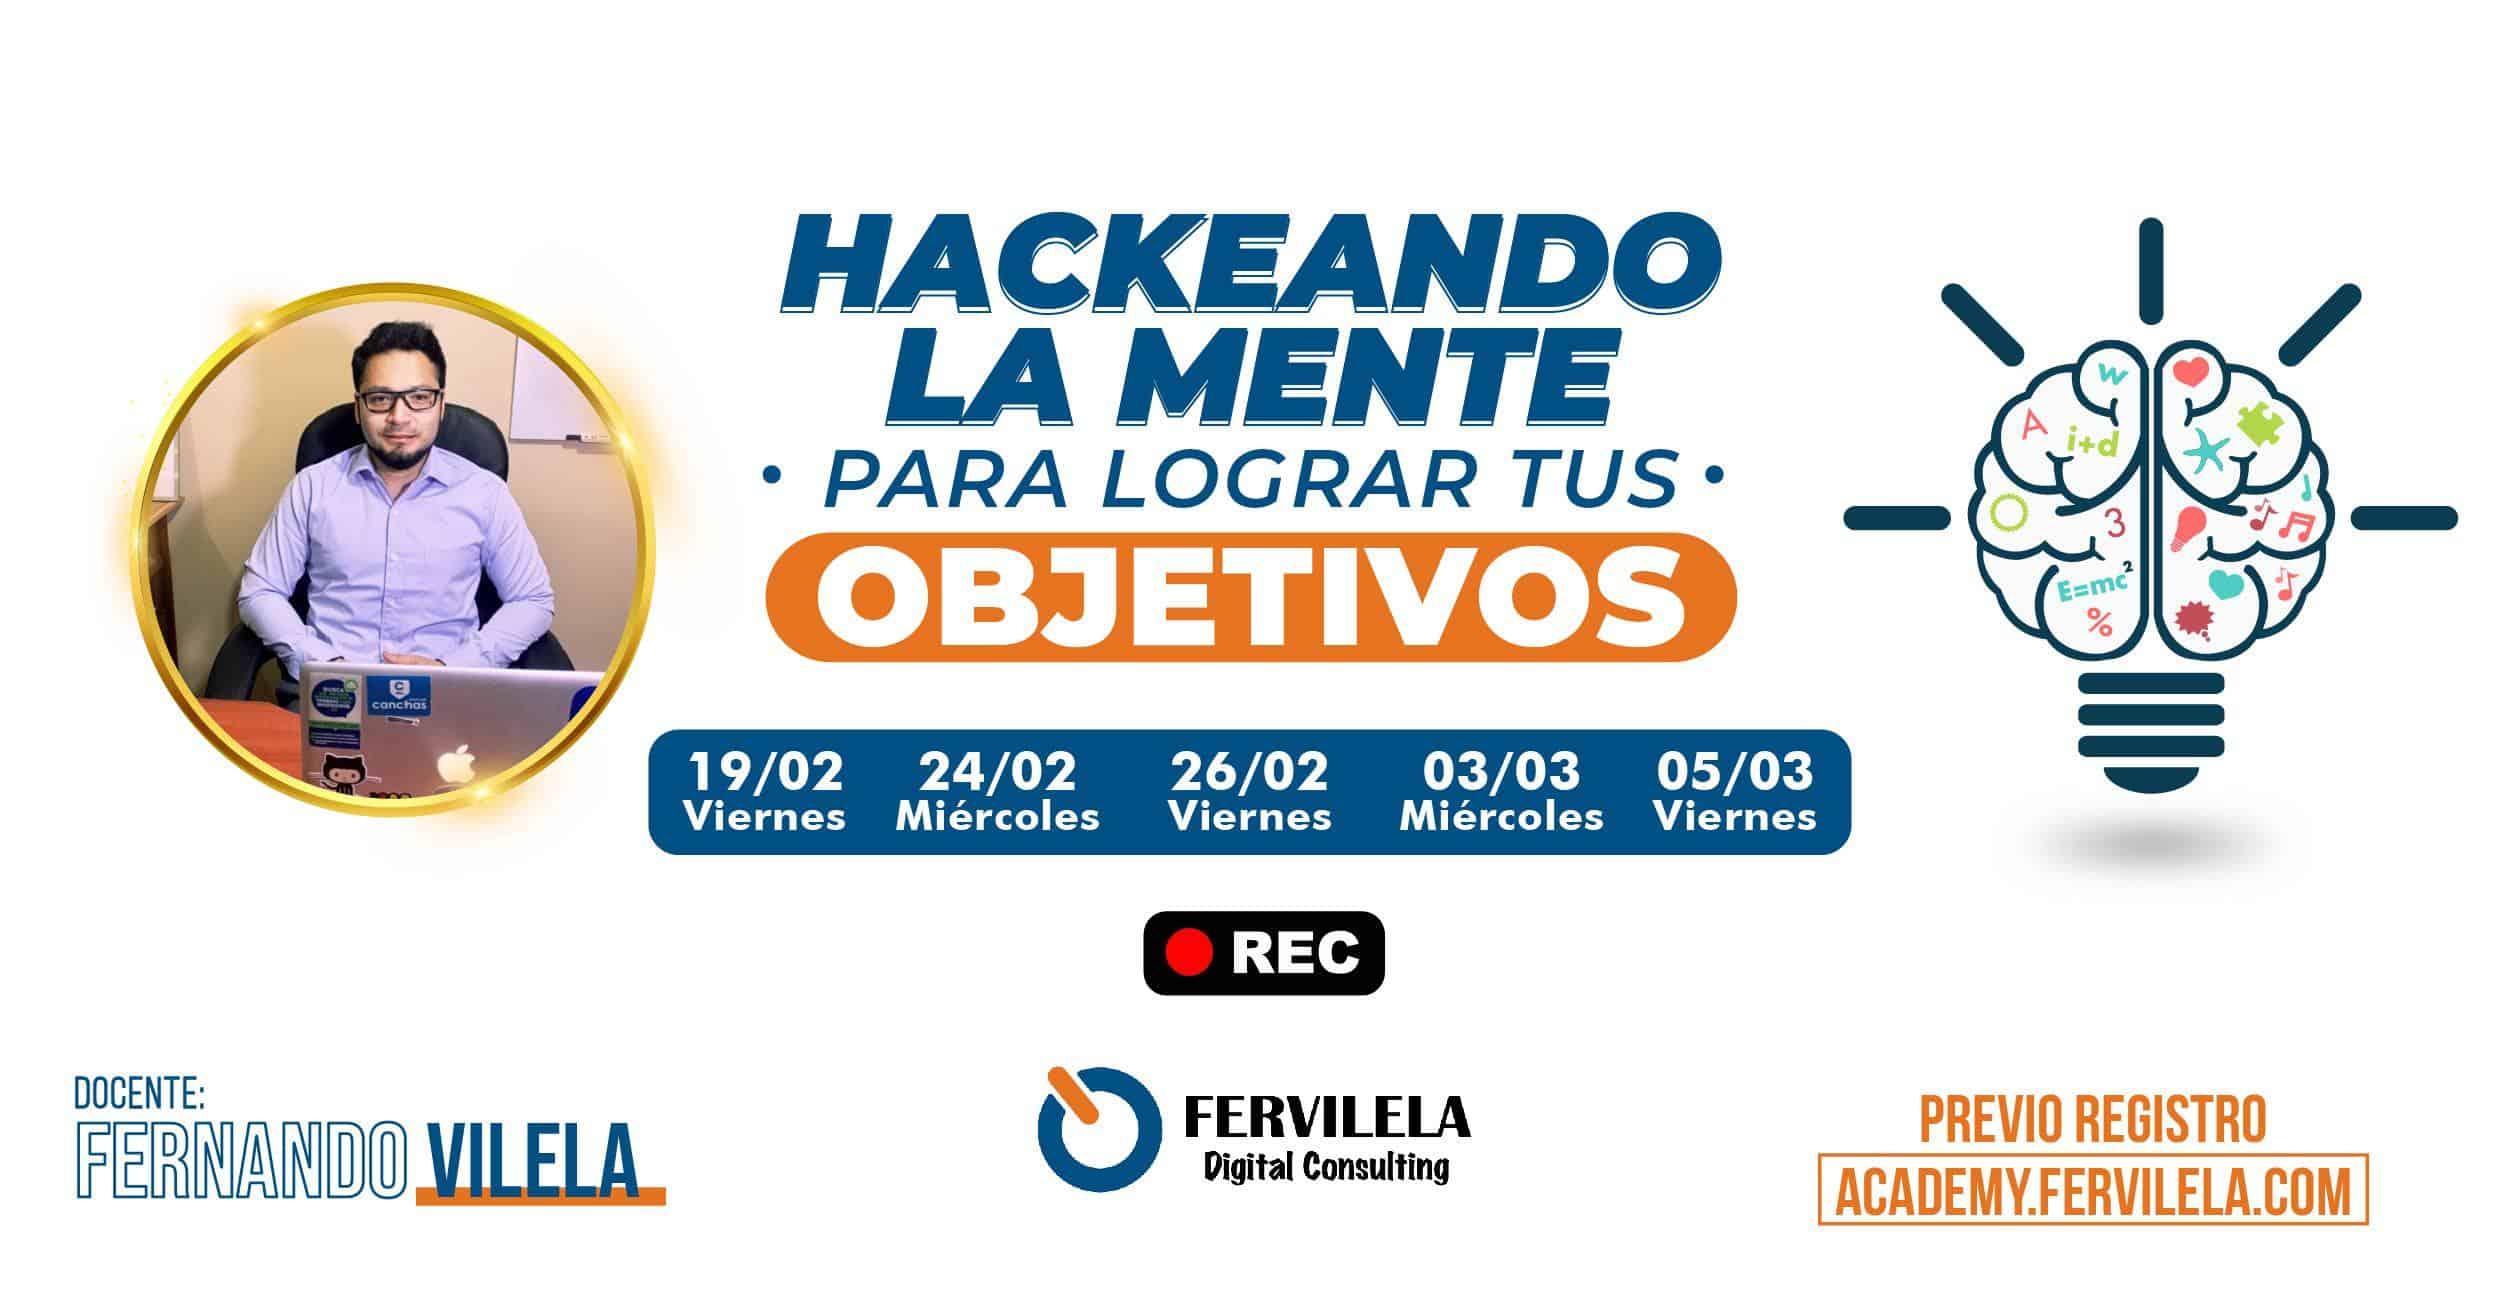 HACKEANDO LA MENTE PORTADA_Mesa de trabajo 1